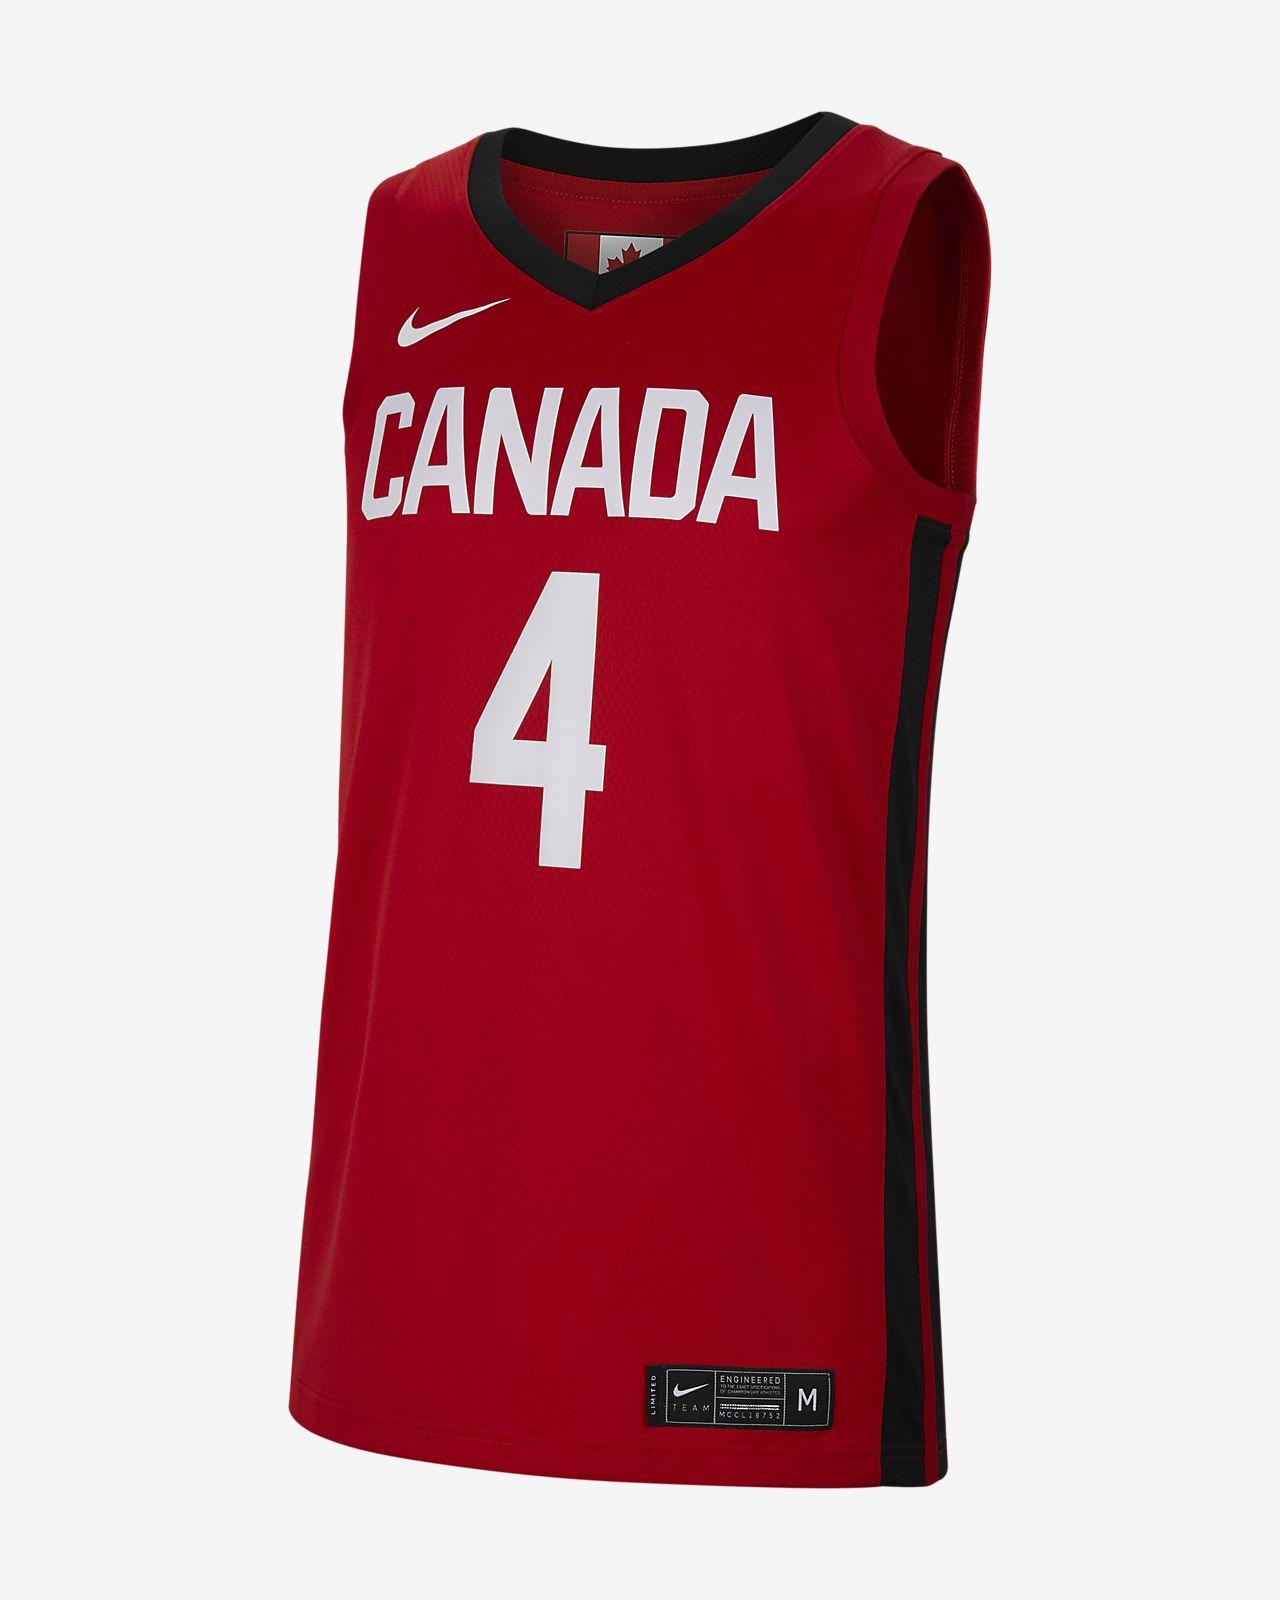 Canada Nike (Road) Camiseta de baloncesto - Hombre